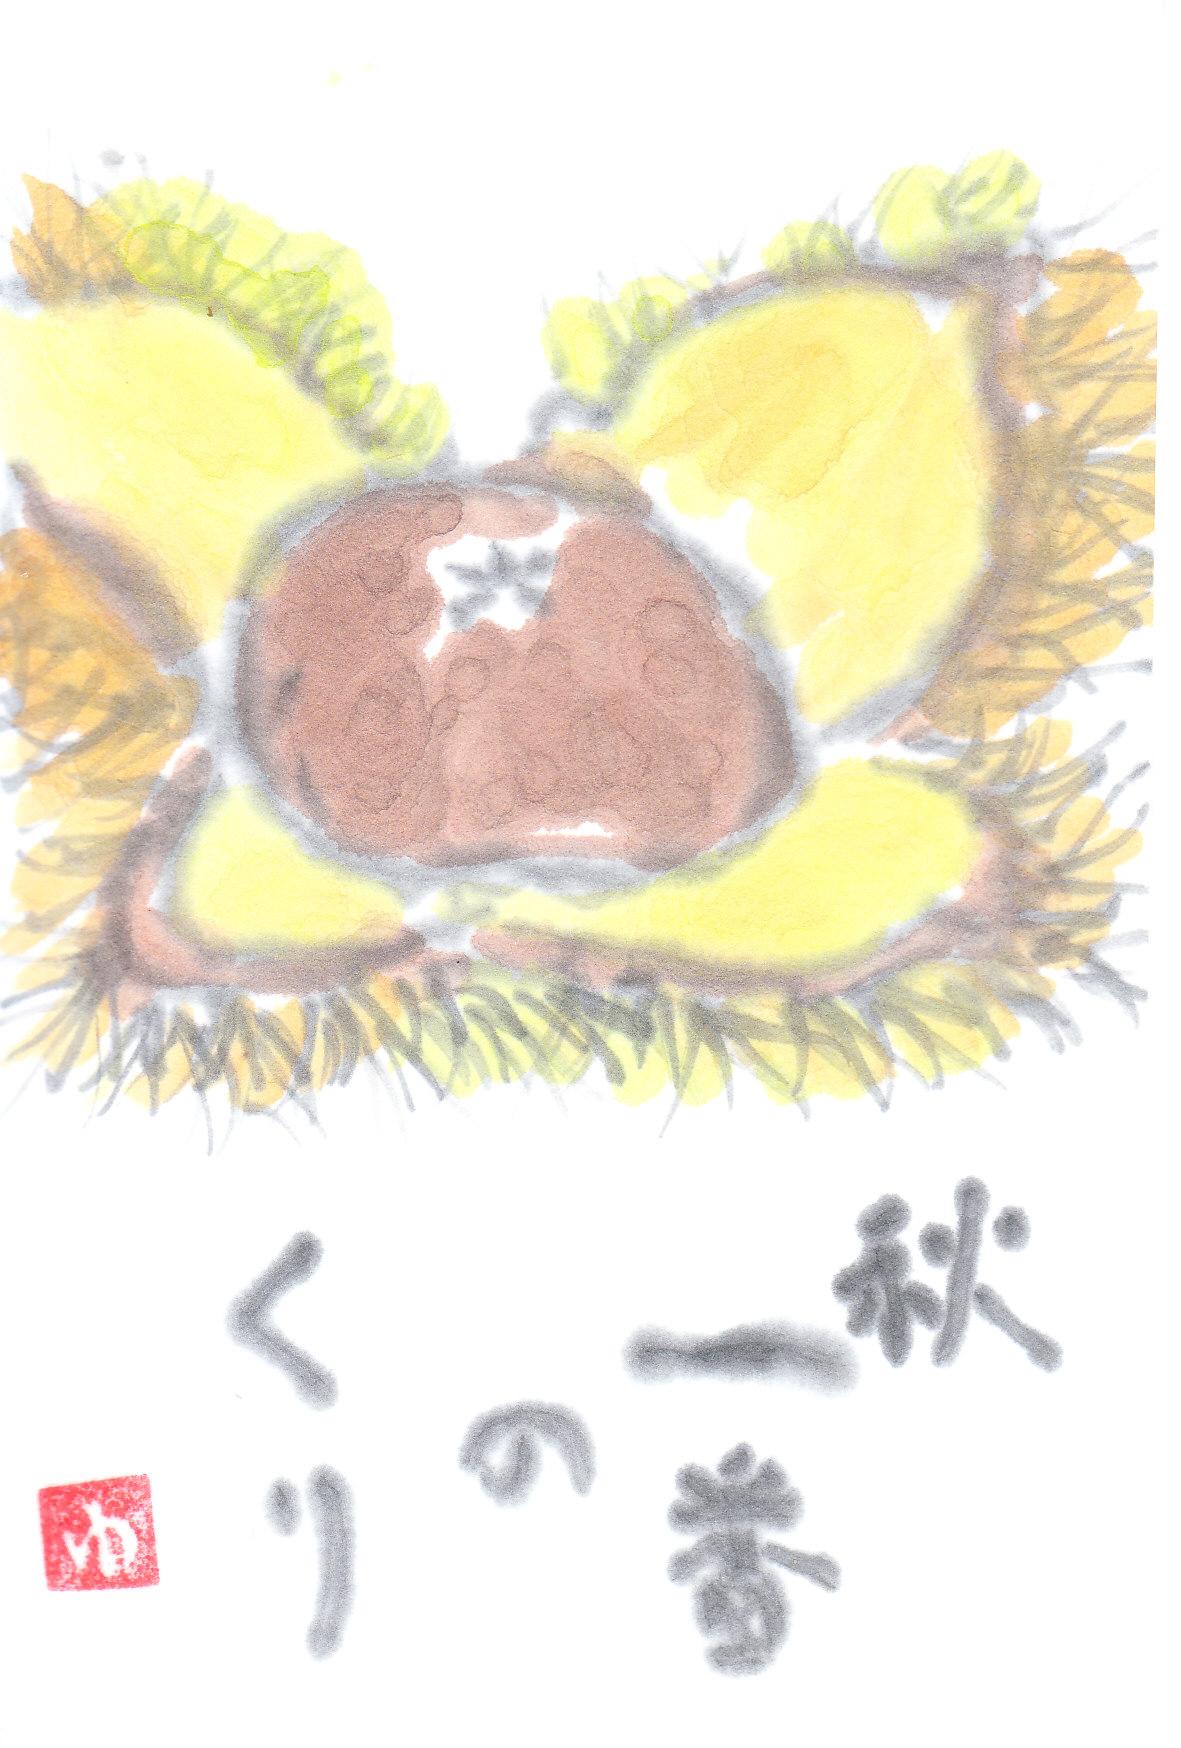 b0335286_08061564.jpg